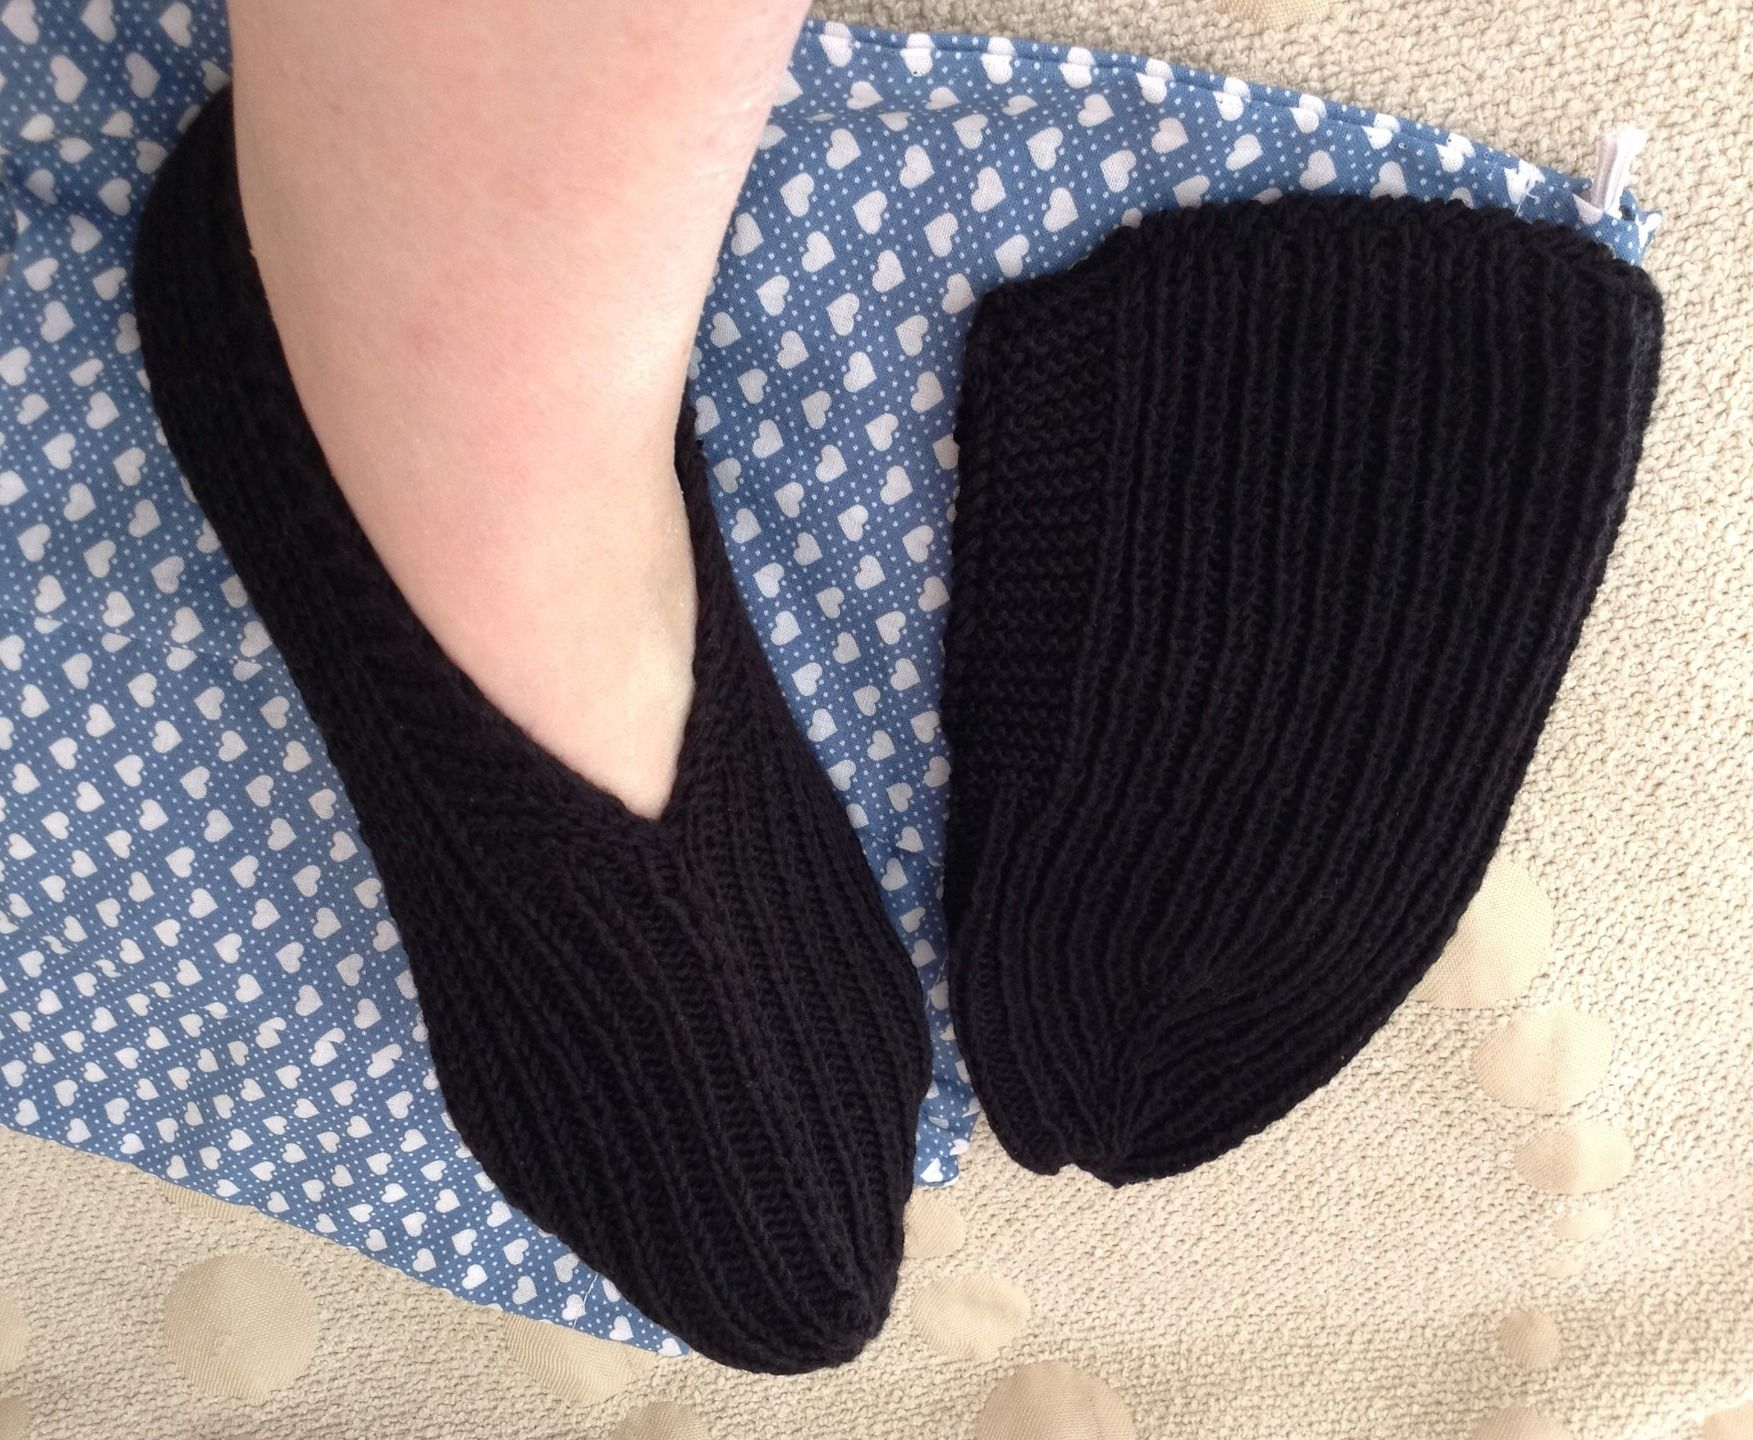 chaussons ballerines pour femmes ou jeunes filles tricot viscose et coton noir chaussettes. Black Bedroom Furniture Sets. Home Design Ideas